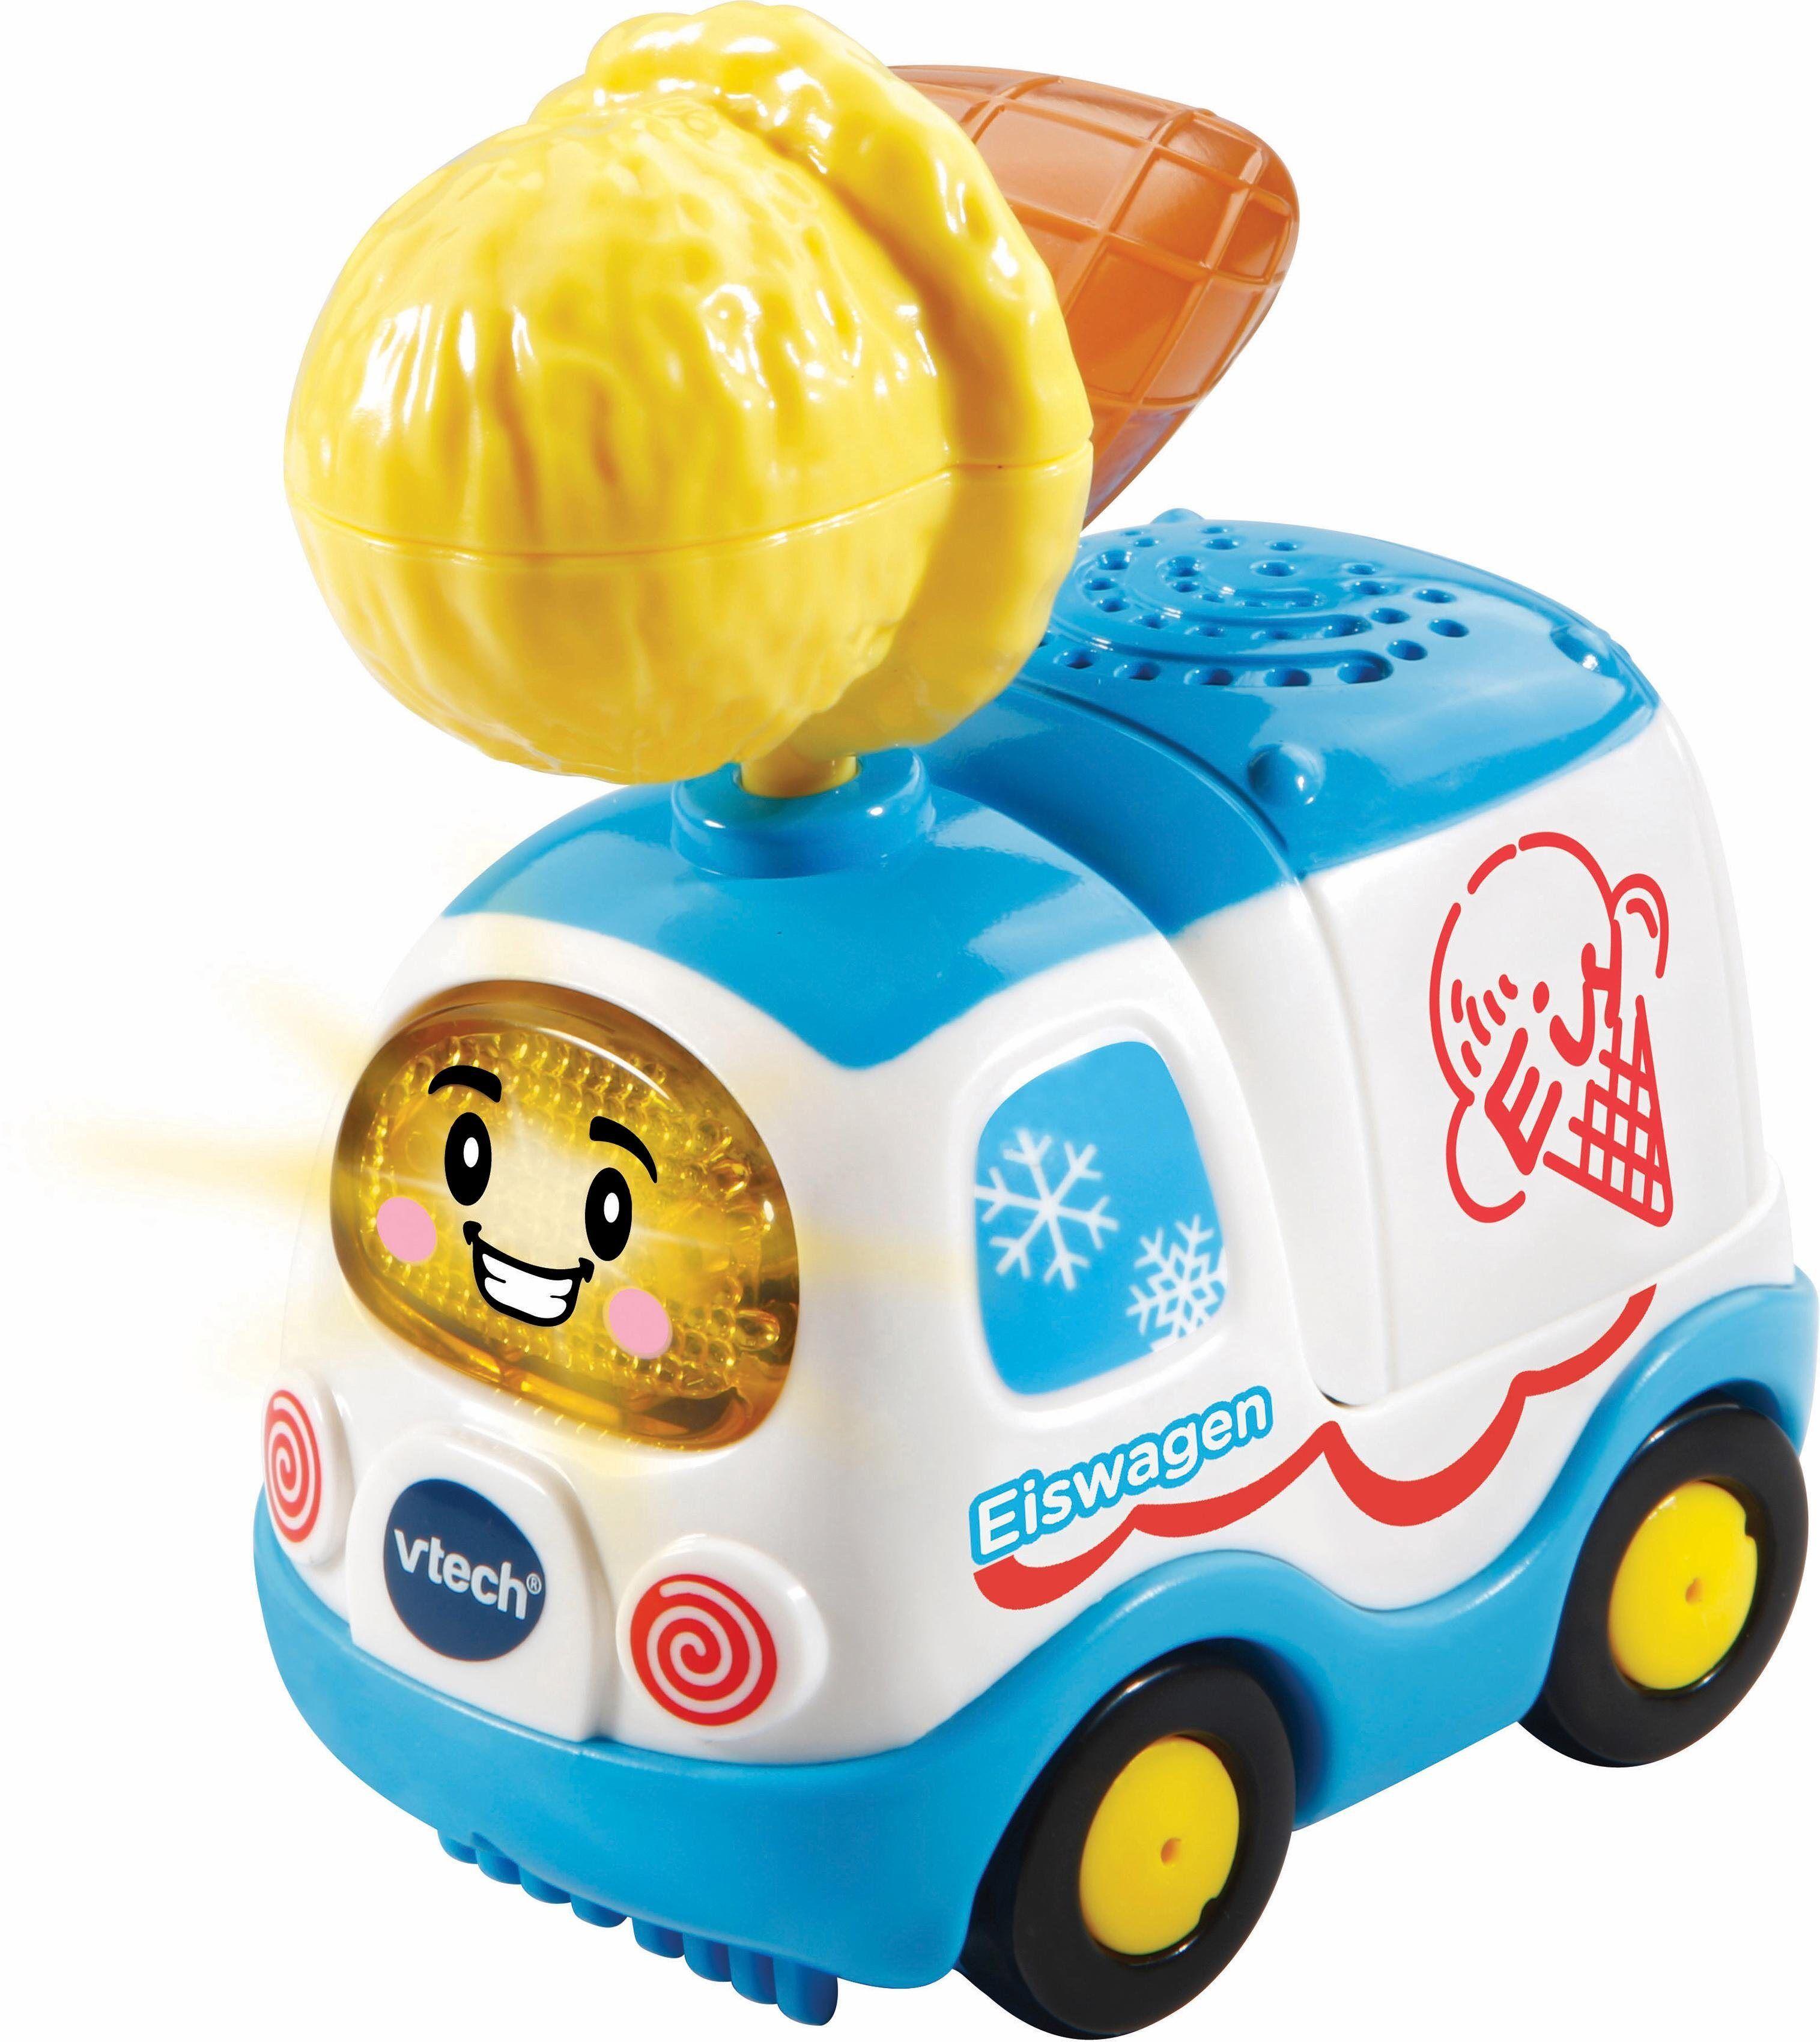 Vtech® Spielzeug-Auto »Tut Tut Baby Flitzer Special Edition Eiswagen«